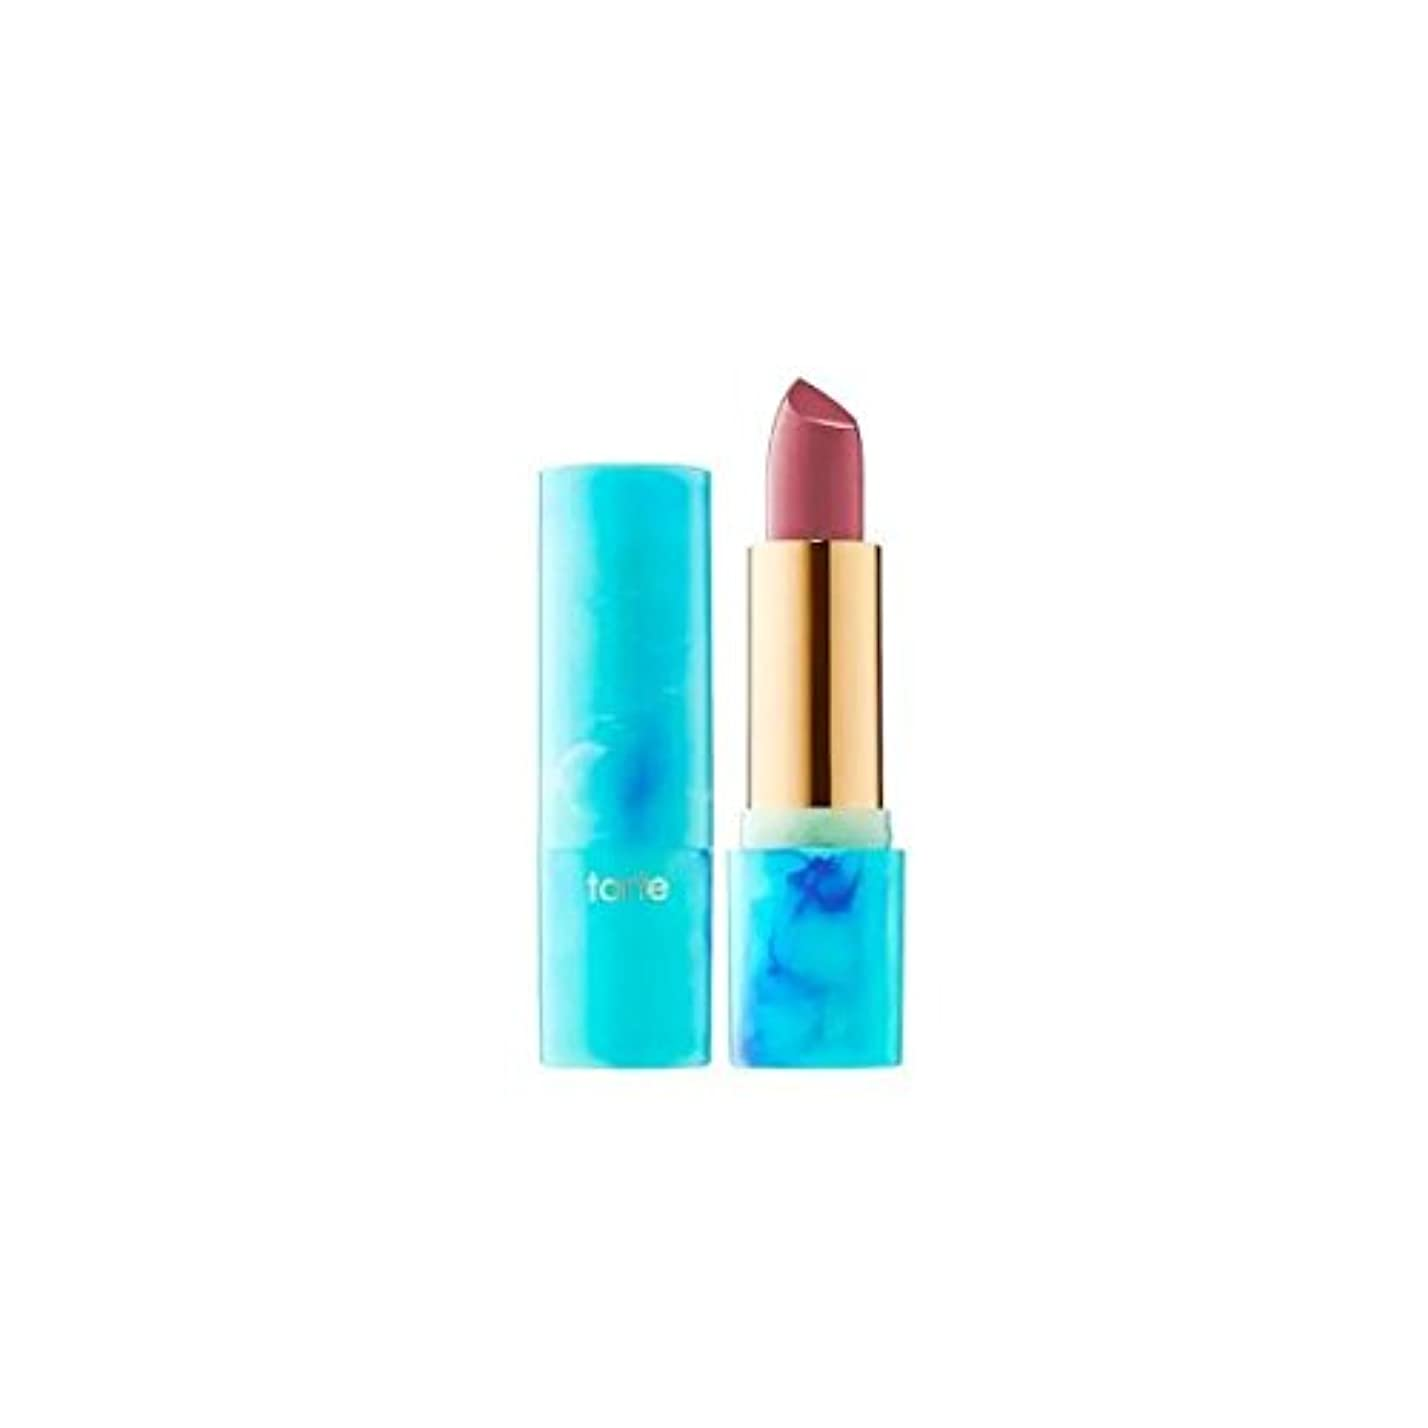 引き潮コンサルタントソブリケットtarteタルト リップ Color Splash Lipstick - Rainforest of the Sea Collection Satin finish